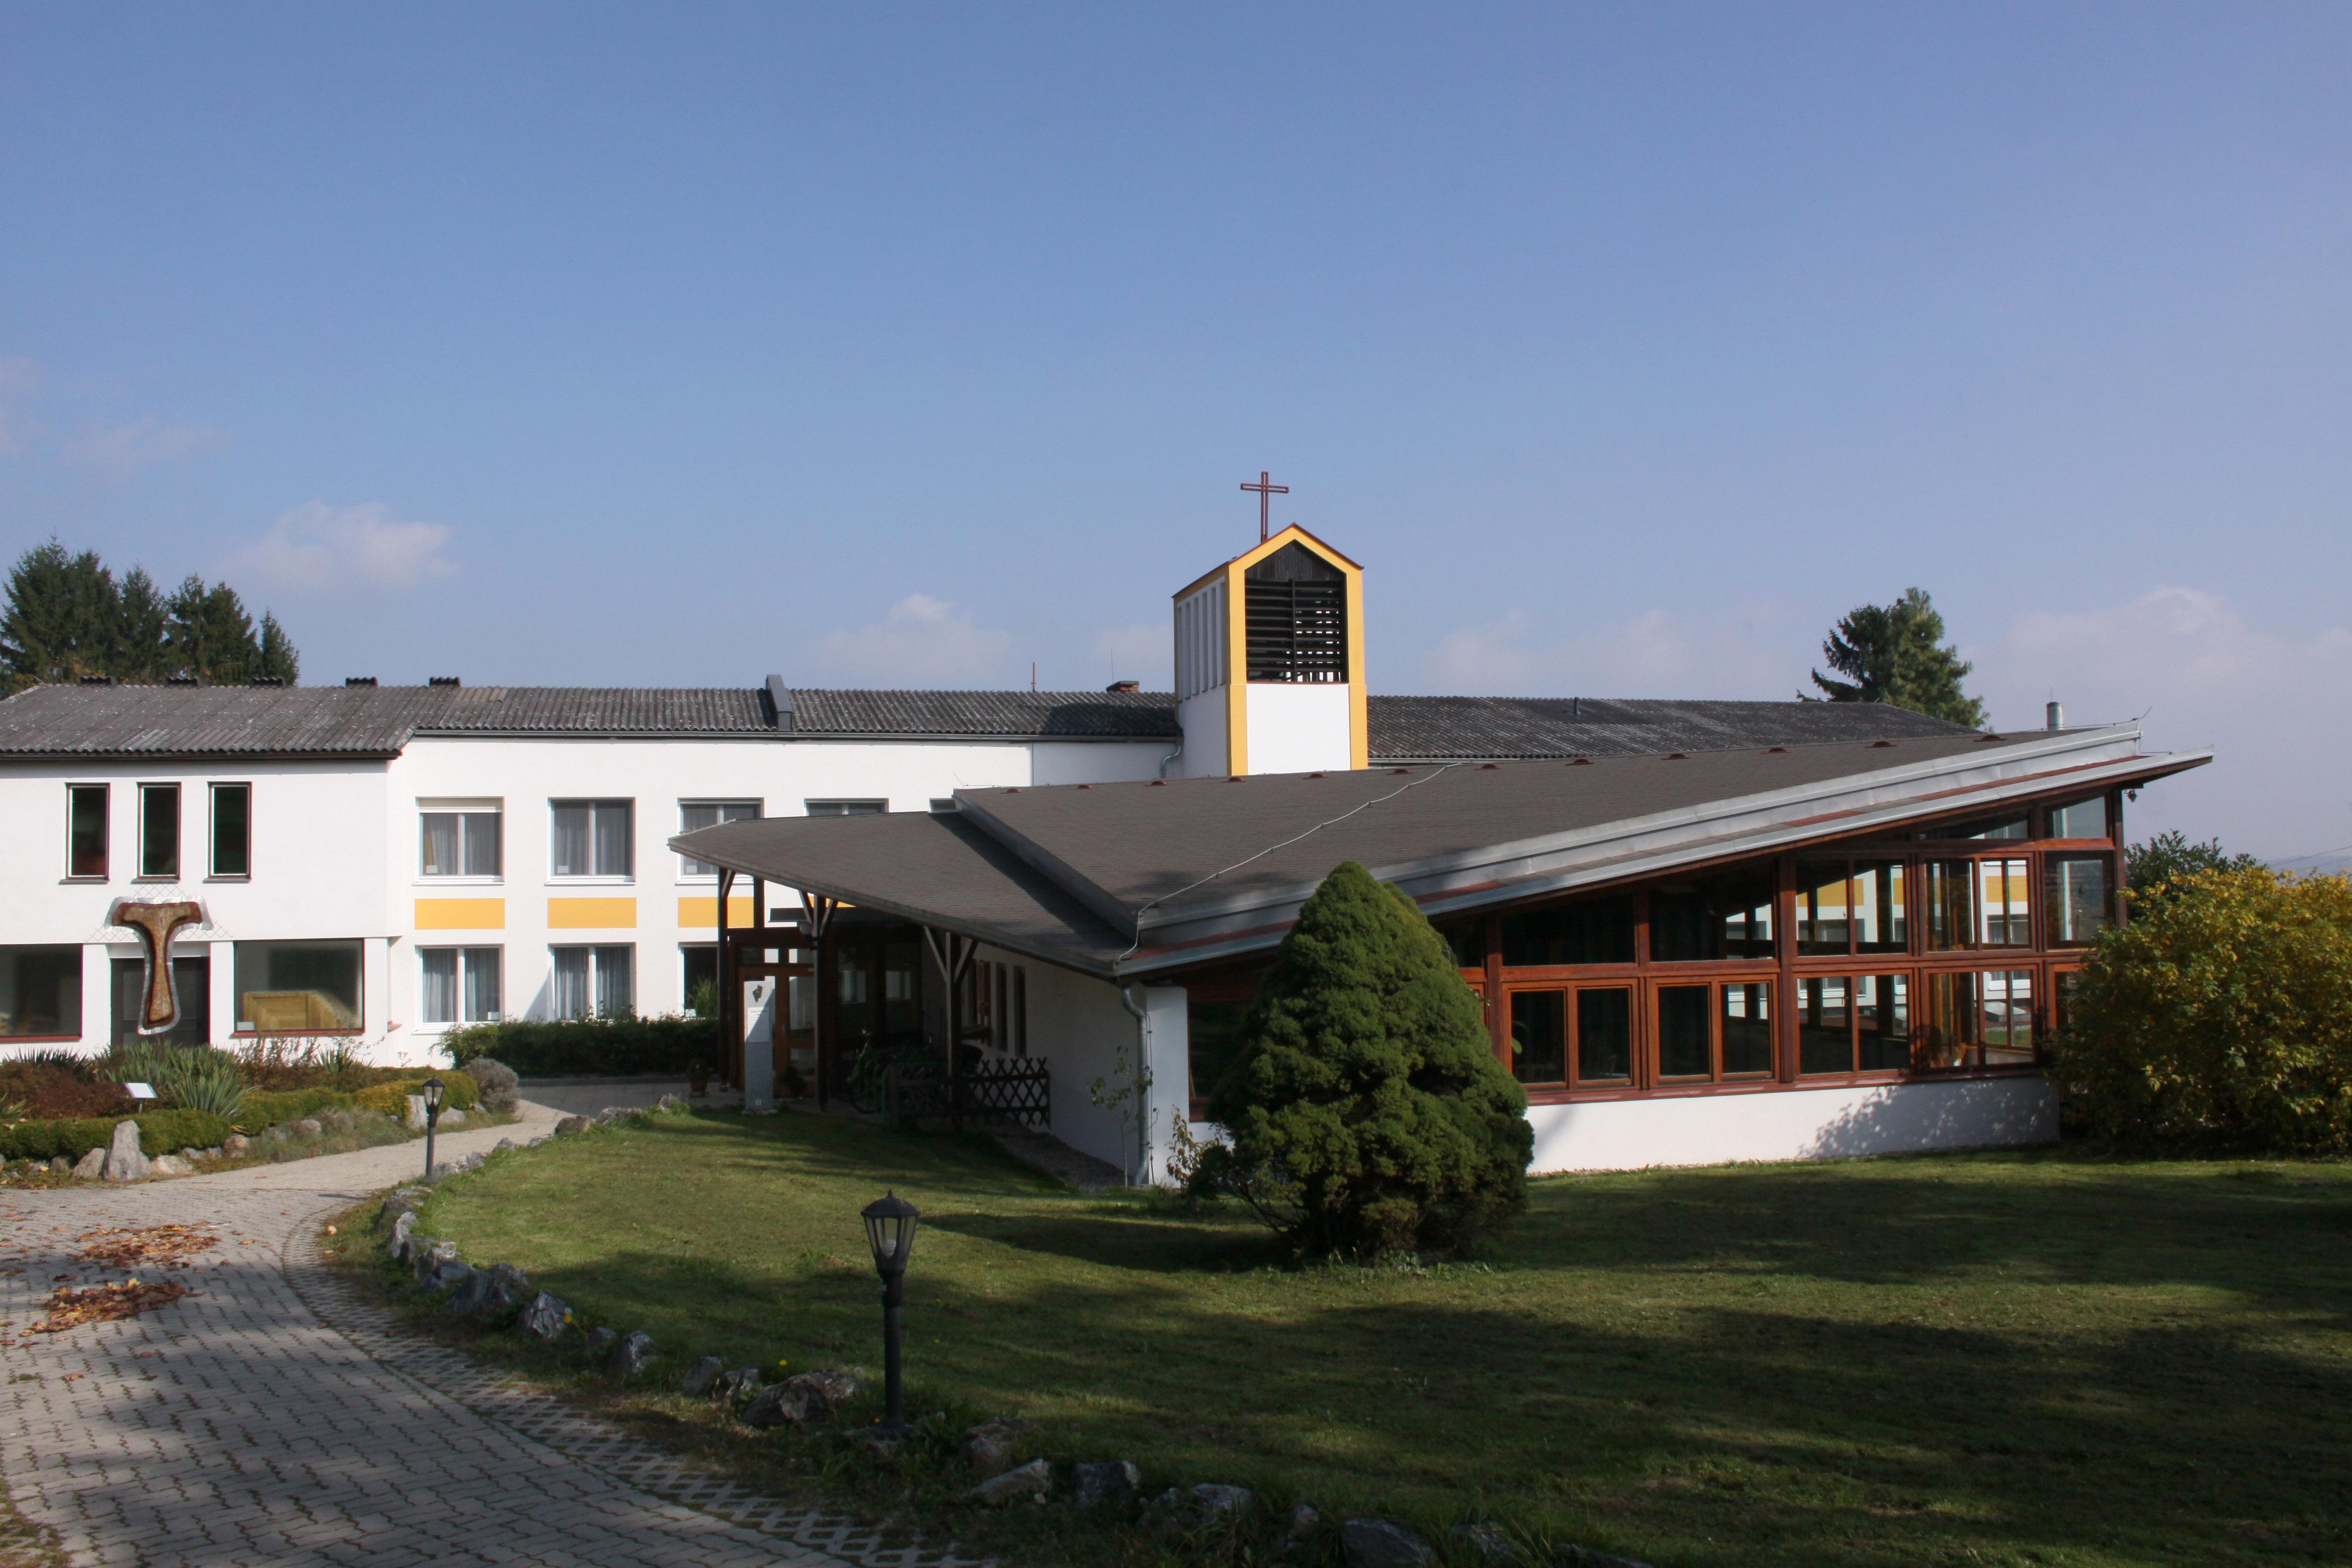 Lebensgefhl auf Rdern gibt es in Heiligenkreuz - Graz